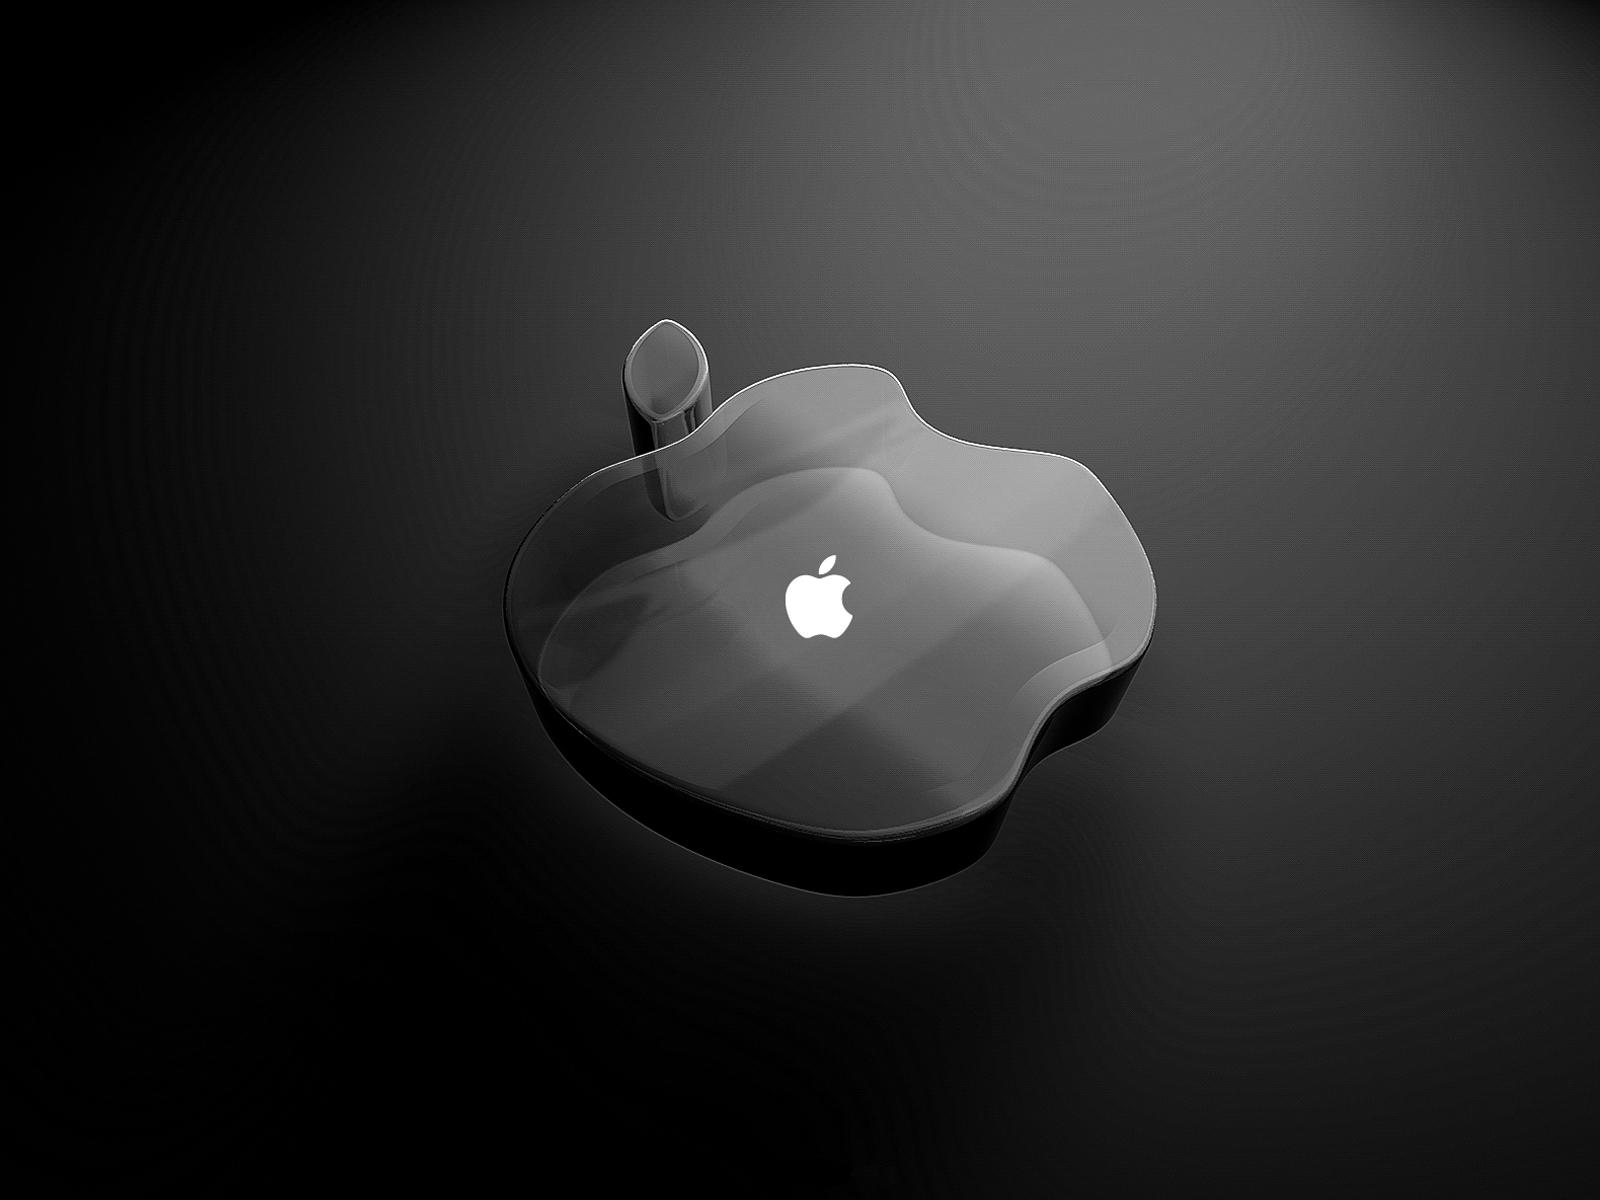 Apple 3D Wallpapers HD | PixelsTalk.Net